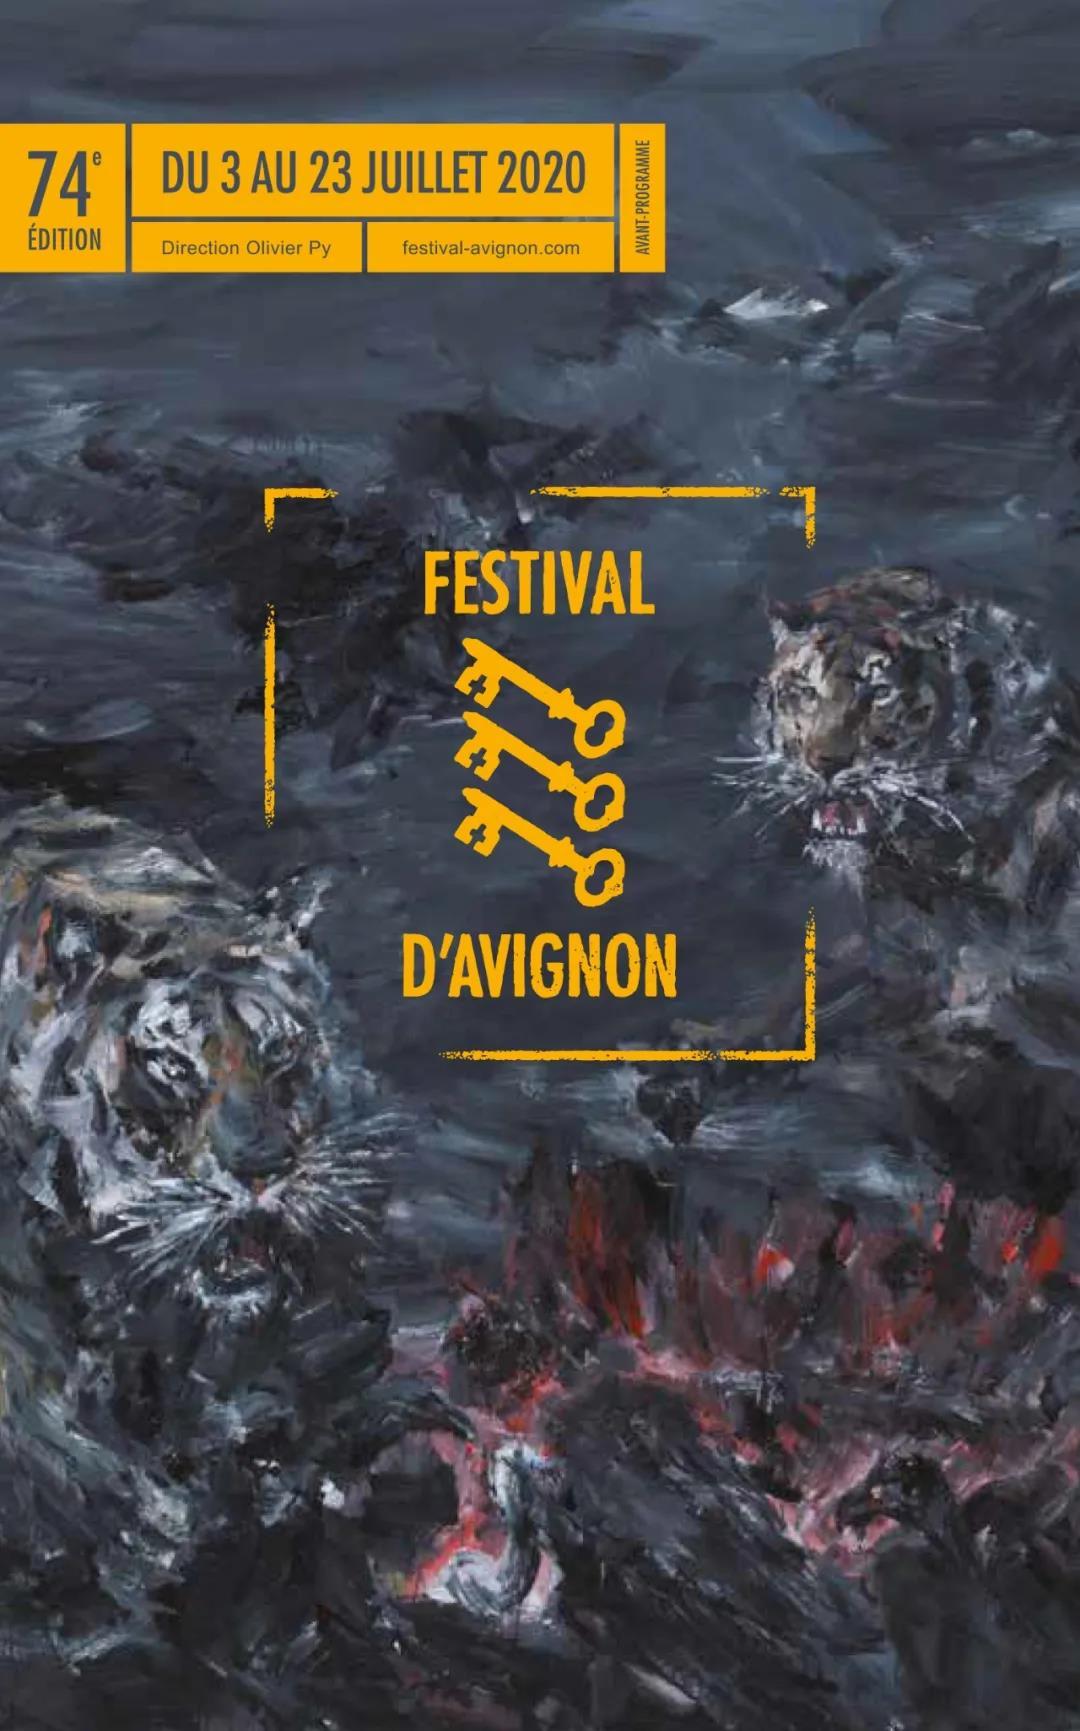 2020年阿维尼翁戏剧节海报。